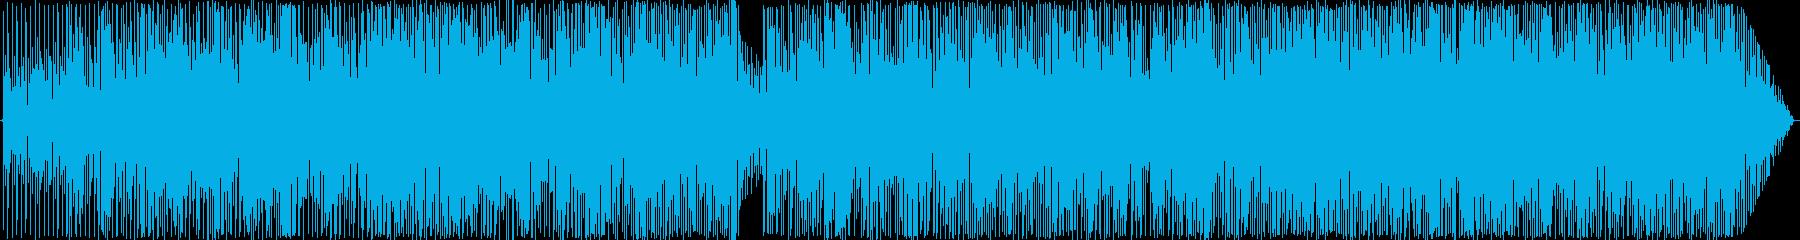 オーソドックスなフュージョンの再生済みの波形